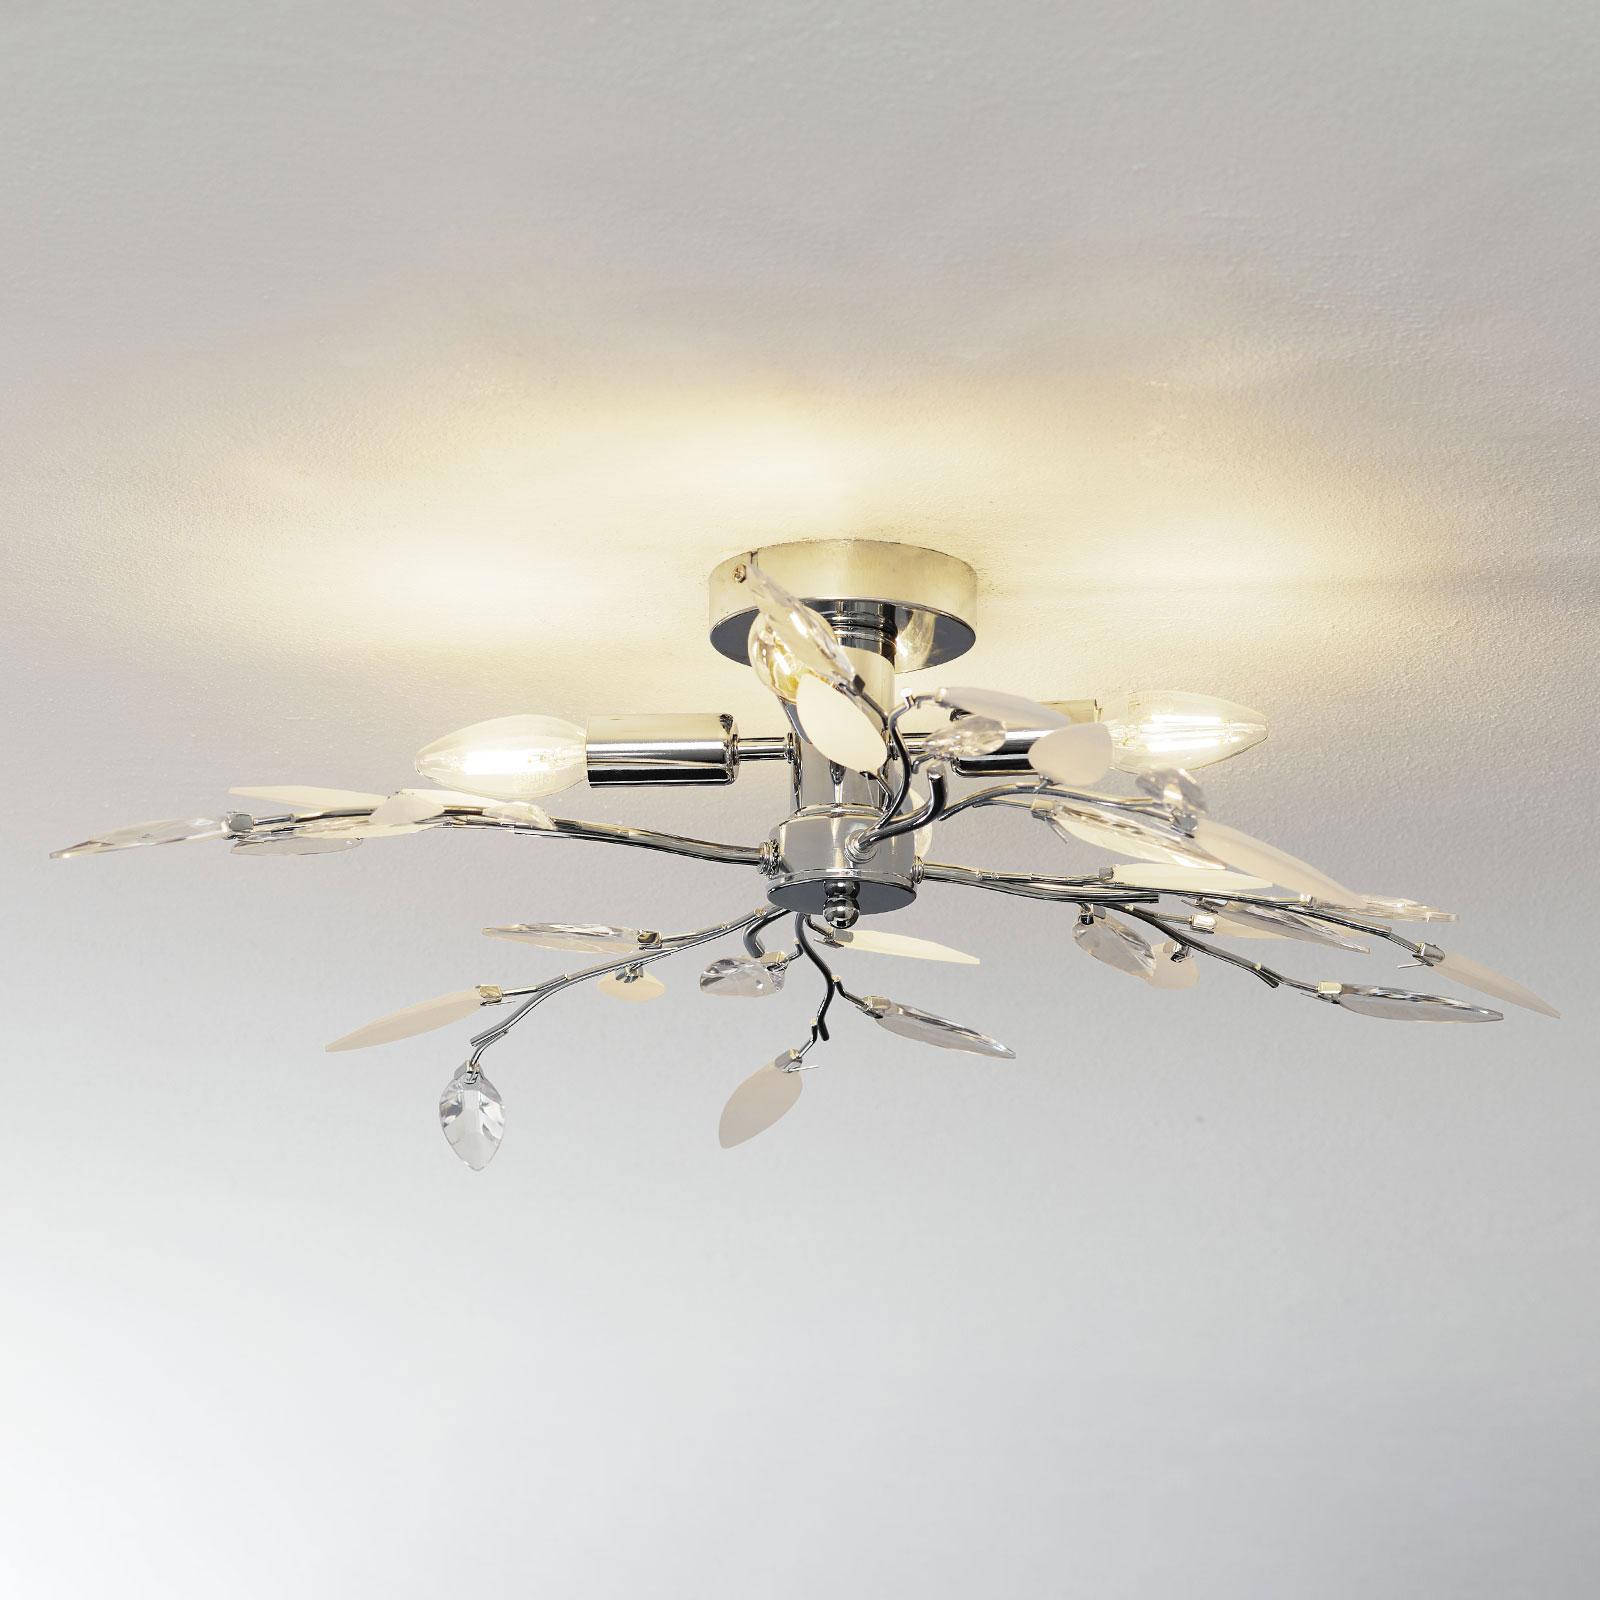 Nottingham - dekorativ taklampe i kromoptikk